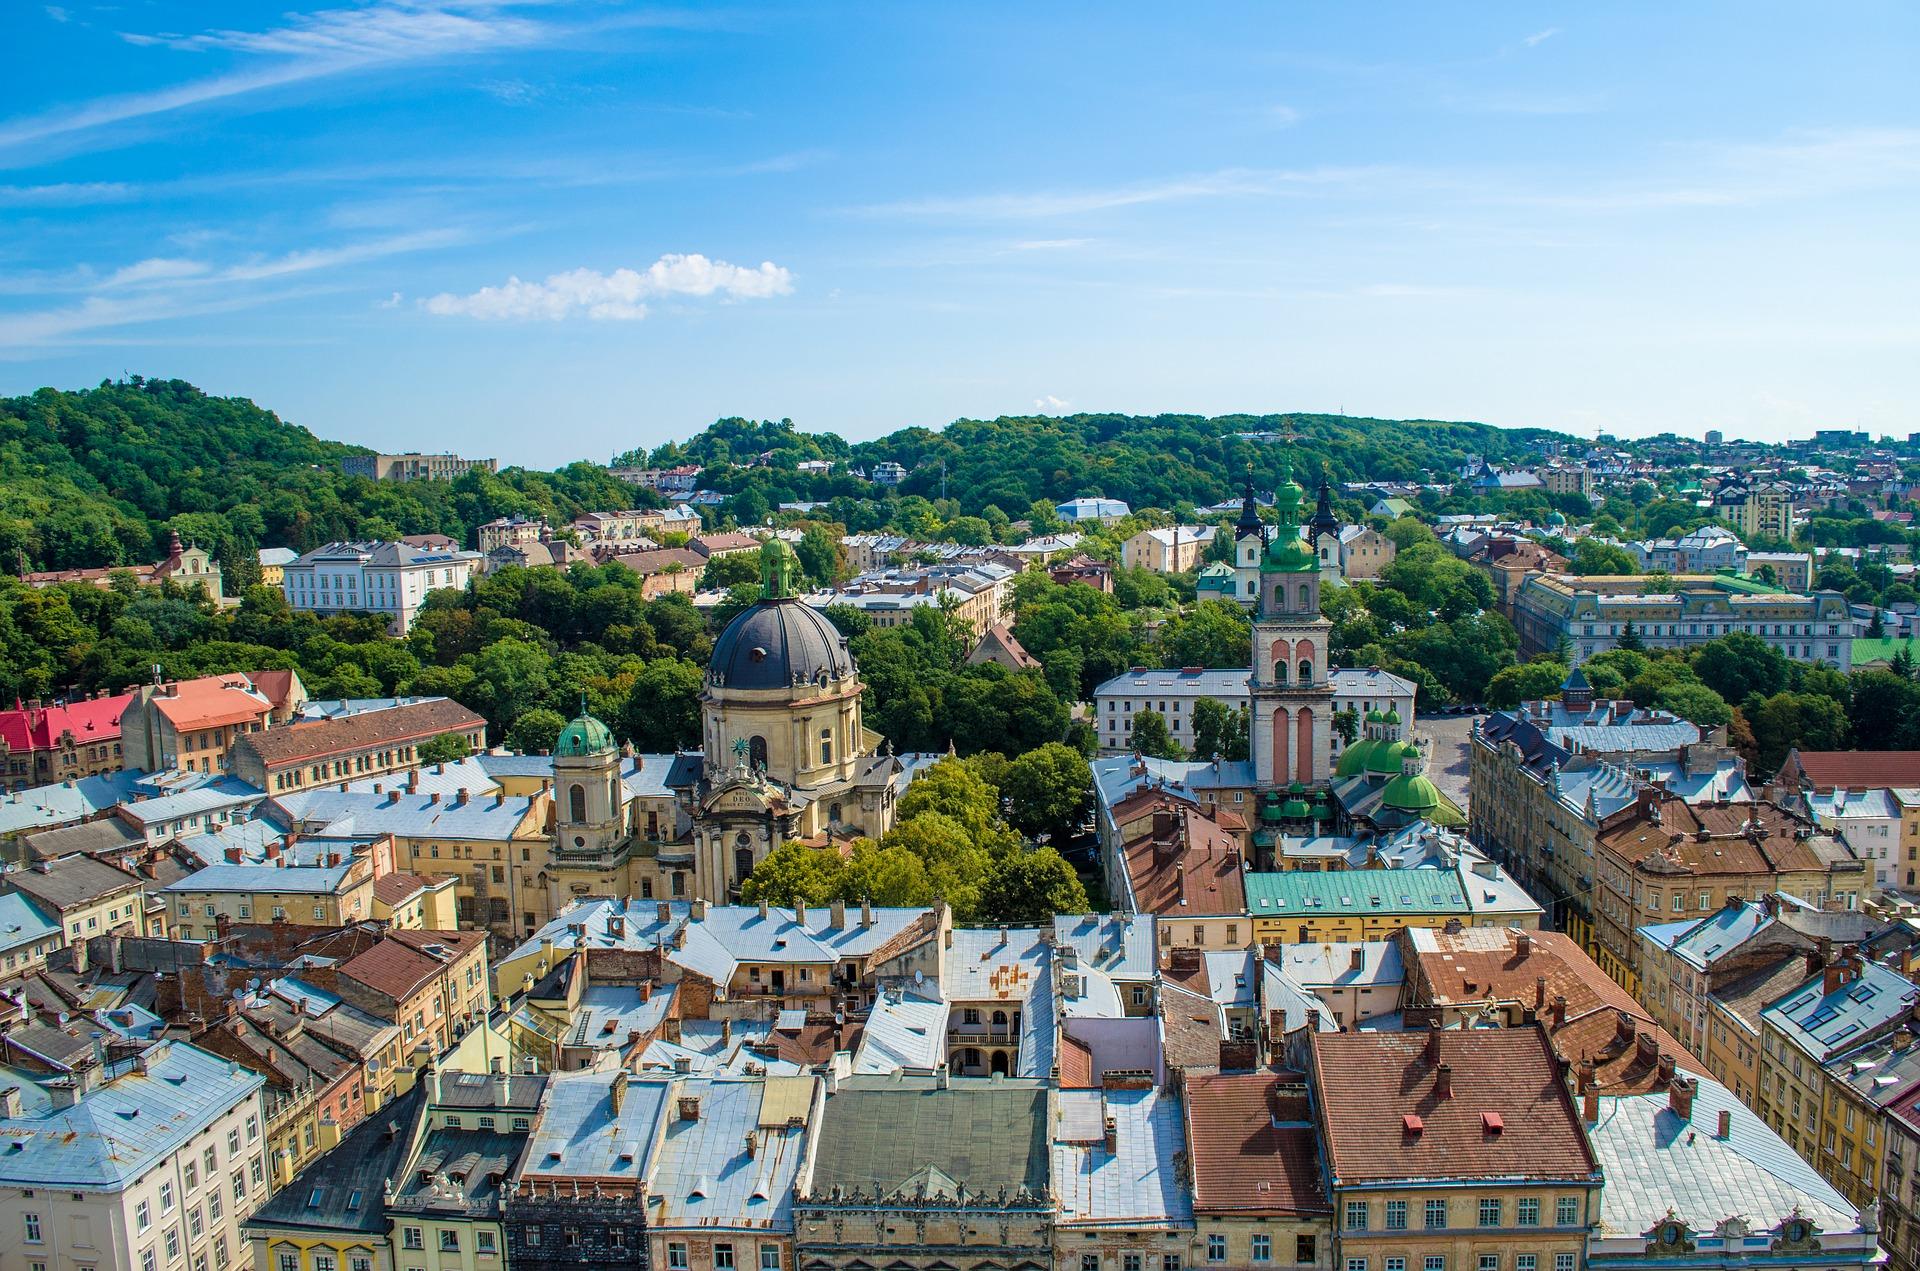 Львів за один день: маршрут, місця, які варто відвідати, де поїсти і що подивитися